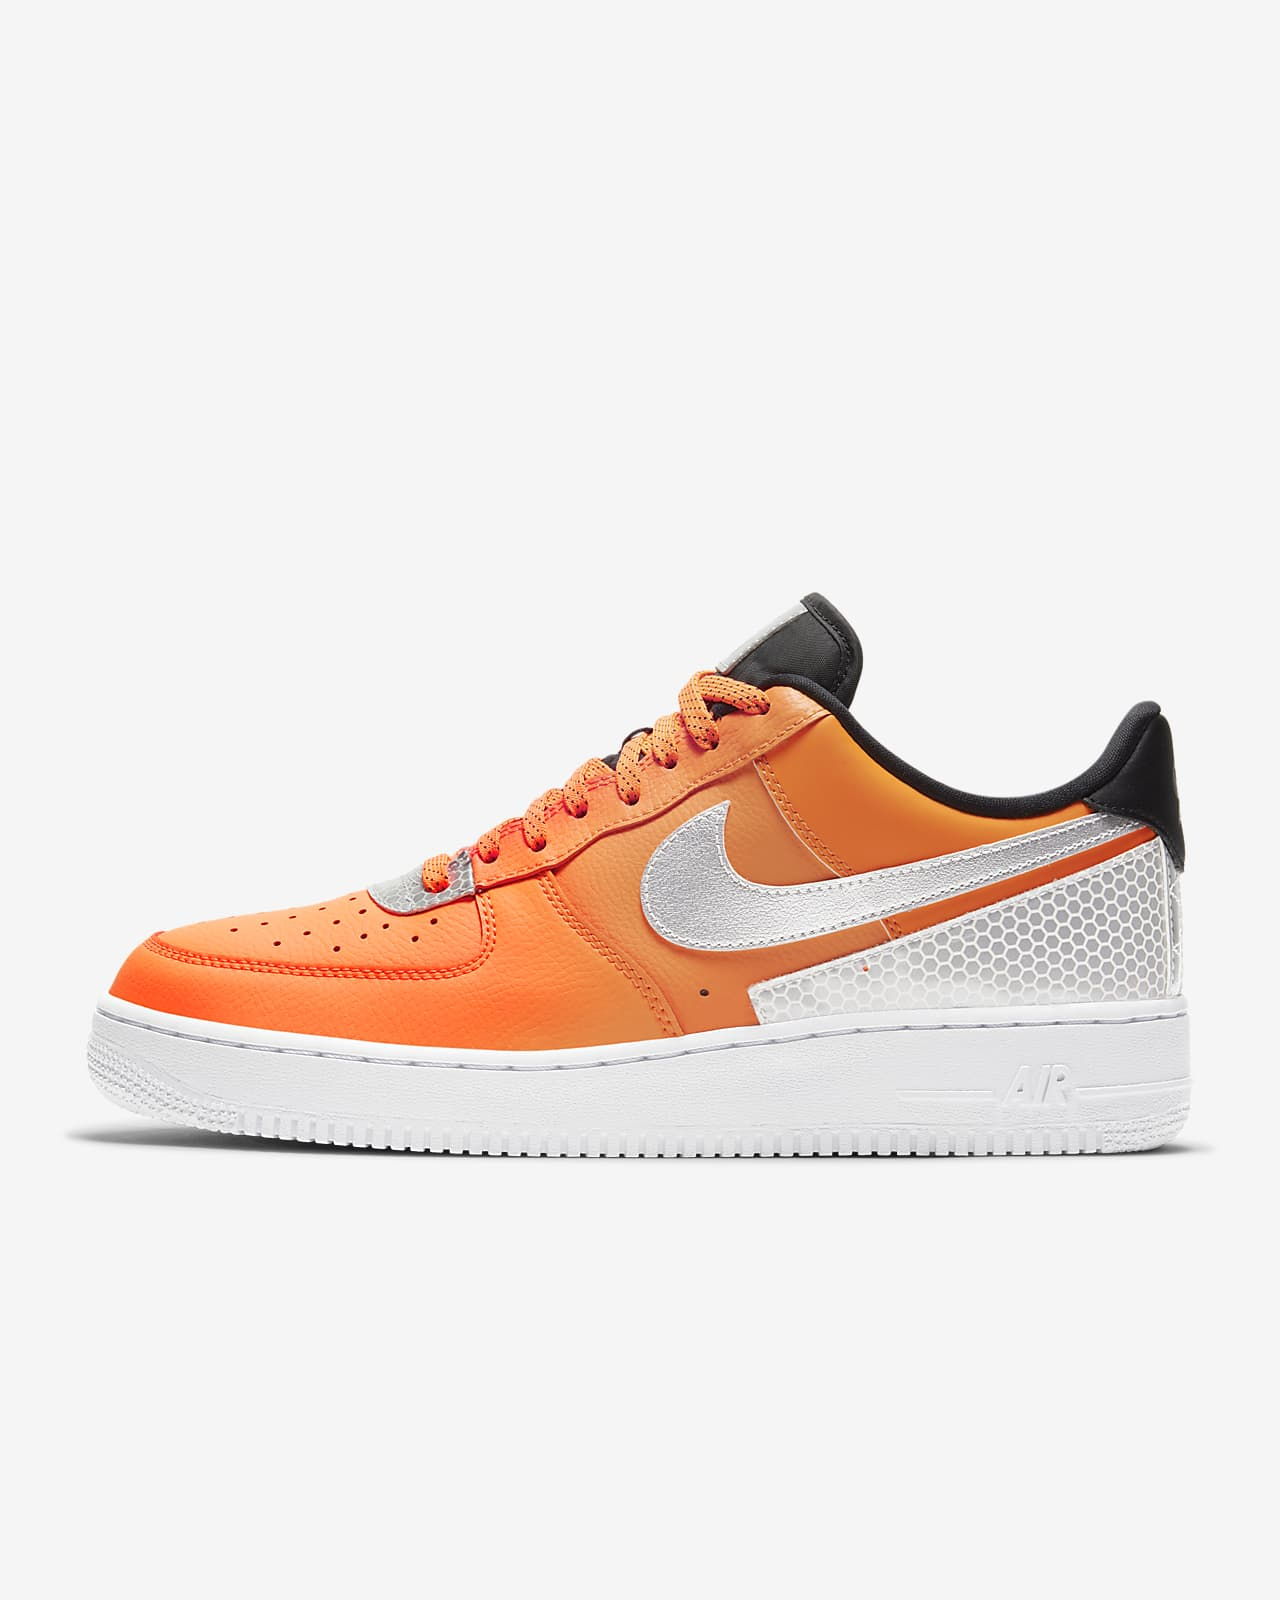 Nike Air Force 1 '07 LV8 3M 男子运动鞋